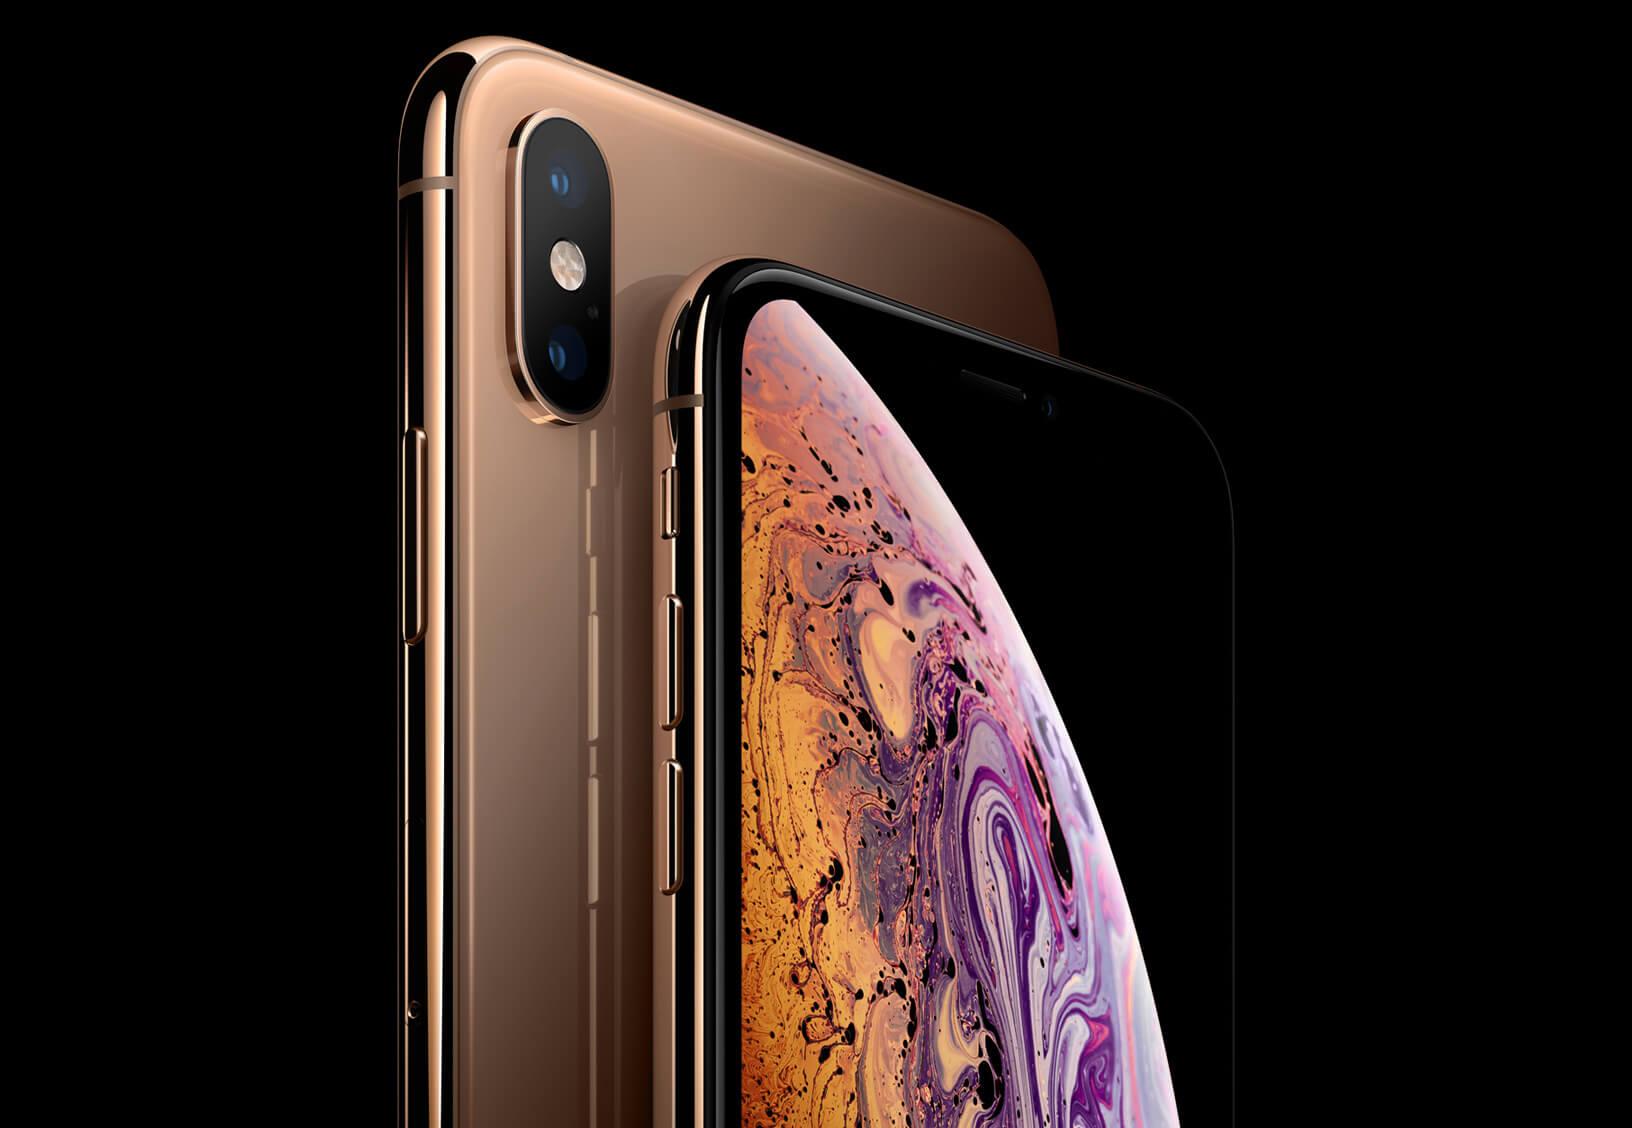 iPhone deverá ganhar conexão 5G somente em 2020